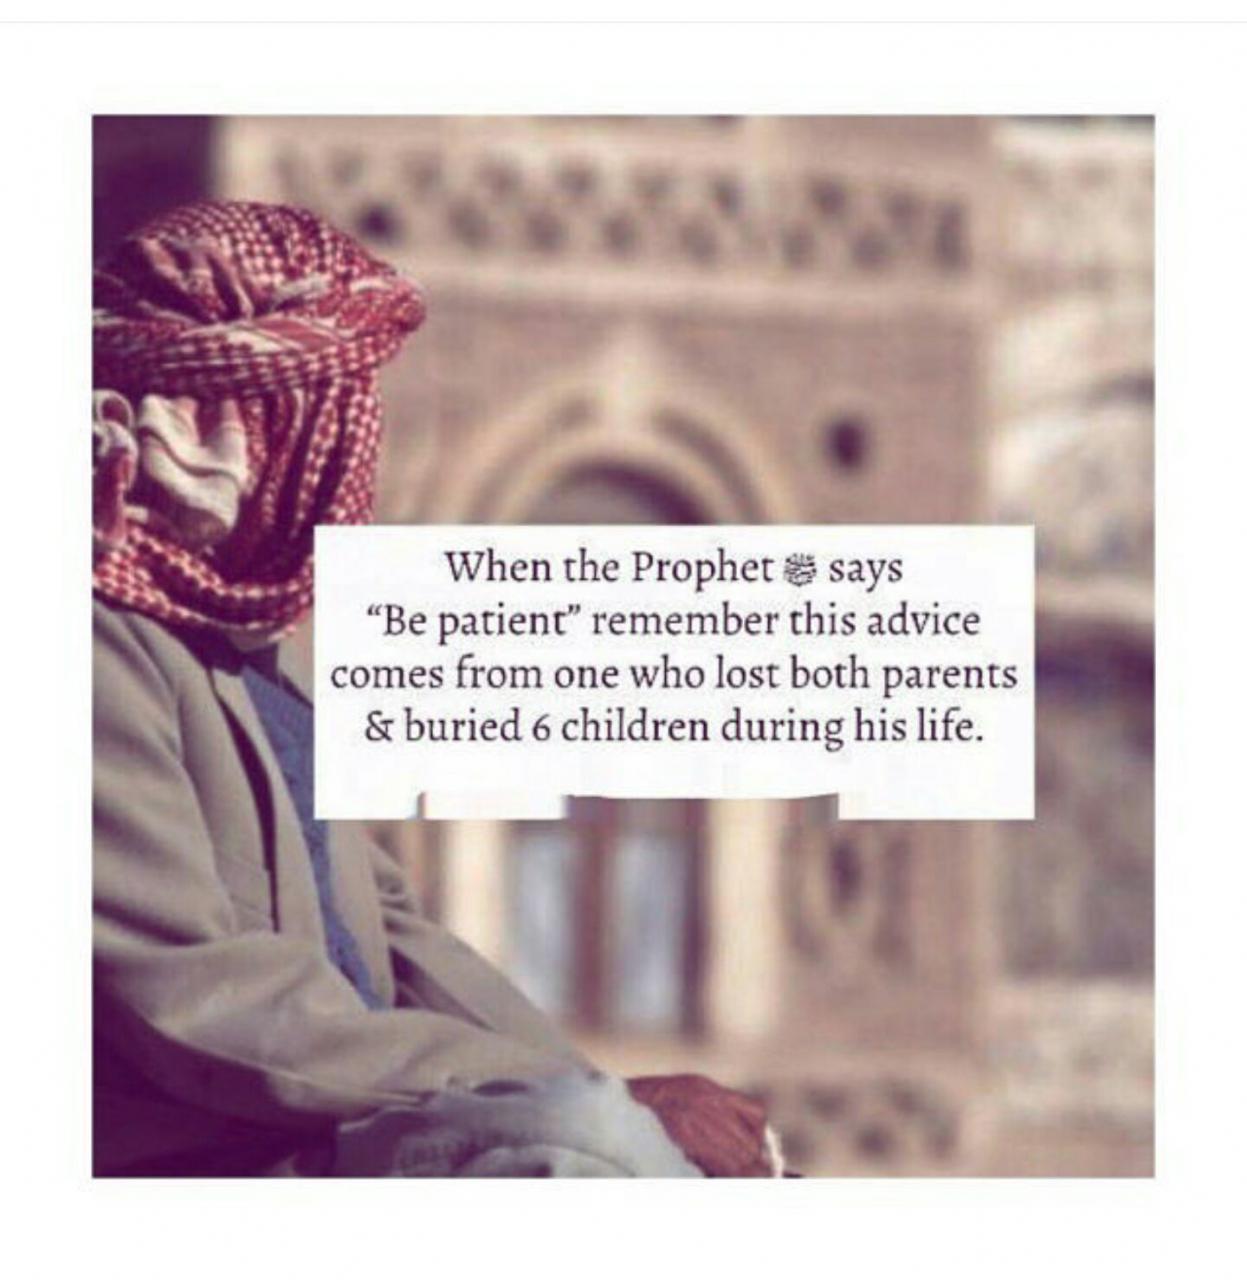 Weisheiten Zitat Islam Hadith Allah Islam Alhamdulillah Islamische Kunst Muslimische Zitate Religiose Zitate Hindi Zitate